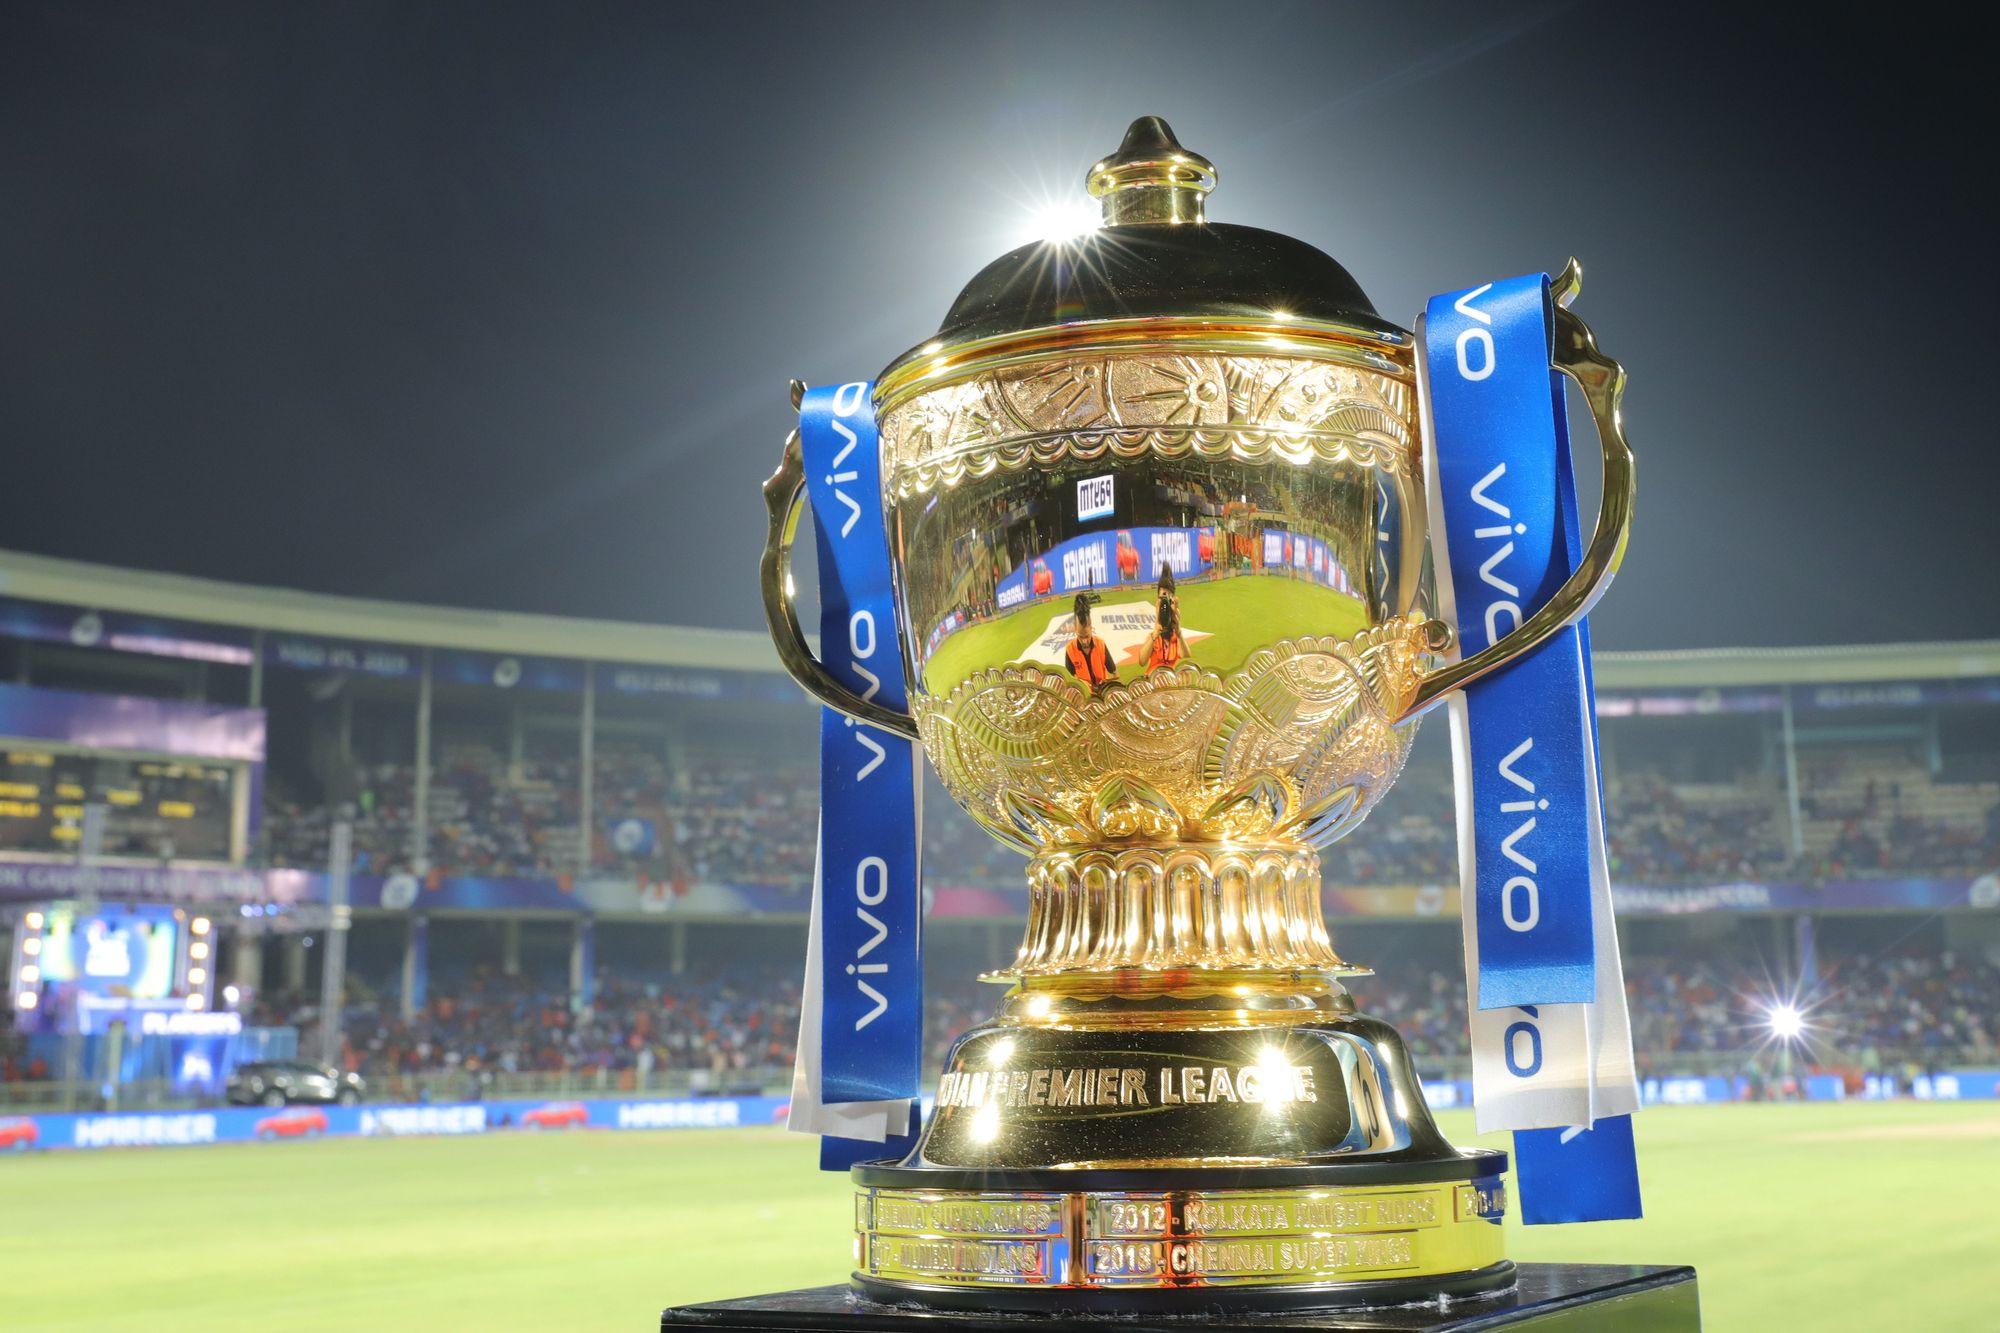 मुंबई इंडियंस, चेन्नई सुपर किंग्स से बेहतर आईपीएल टीम है: संजय मांजरेकर 1